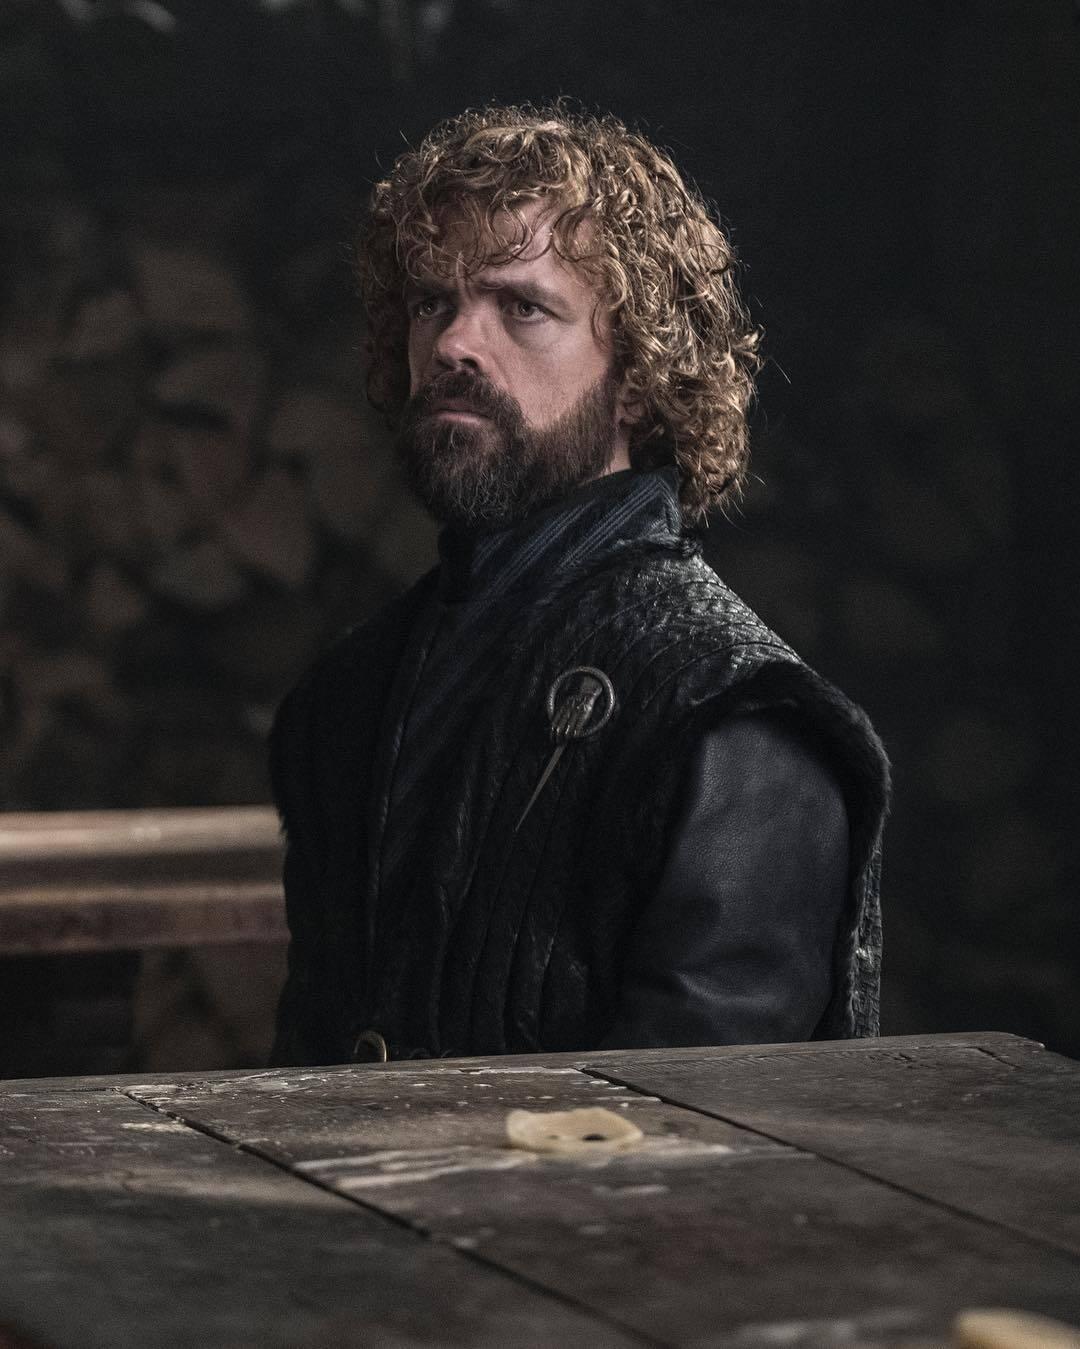 """Novas imagens da última temporada de """"Game of Thrones"""" elevam ansiedade dos fãs. Foto: Divulgação/HBO"""